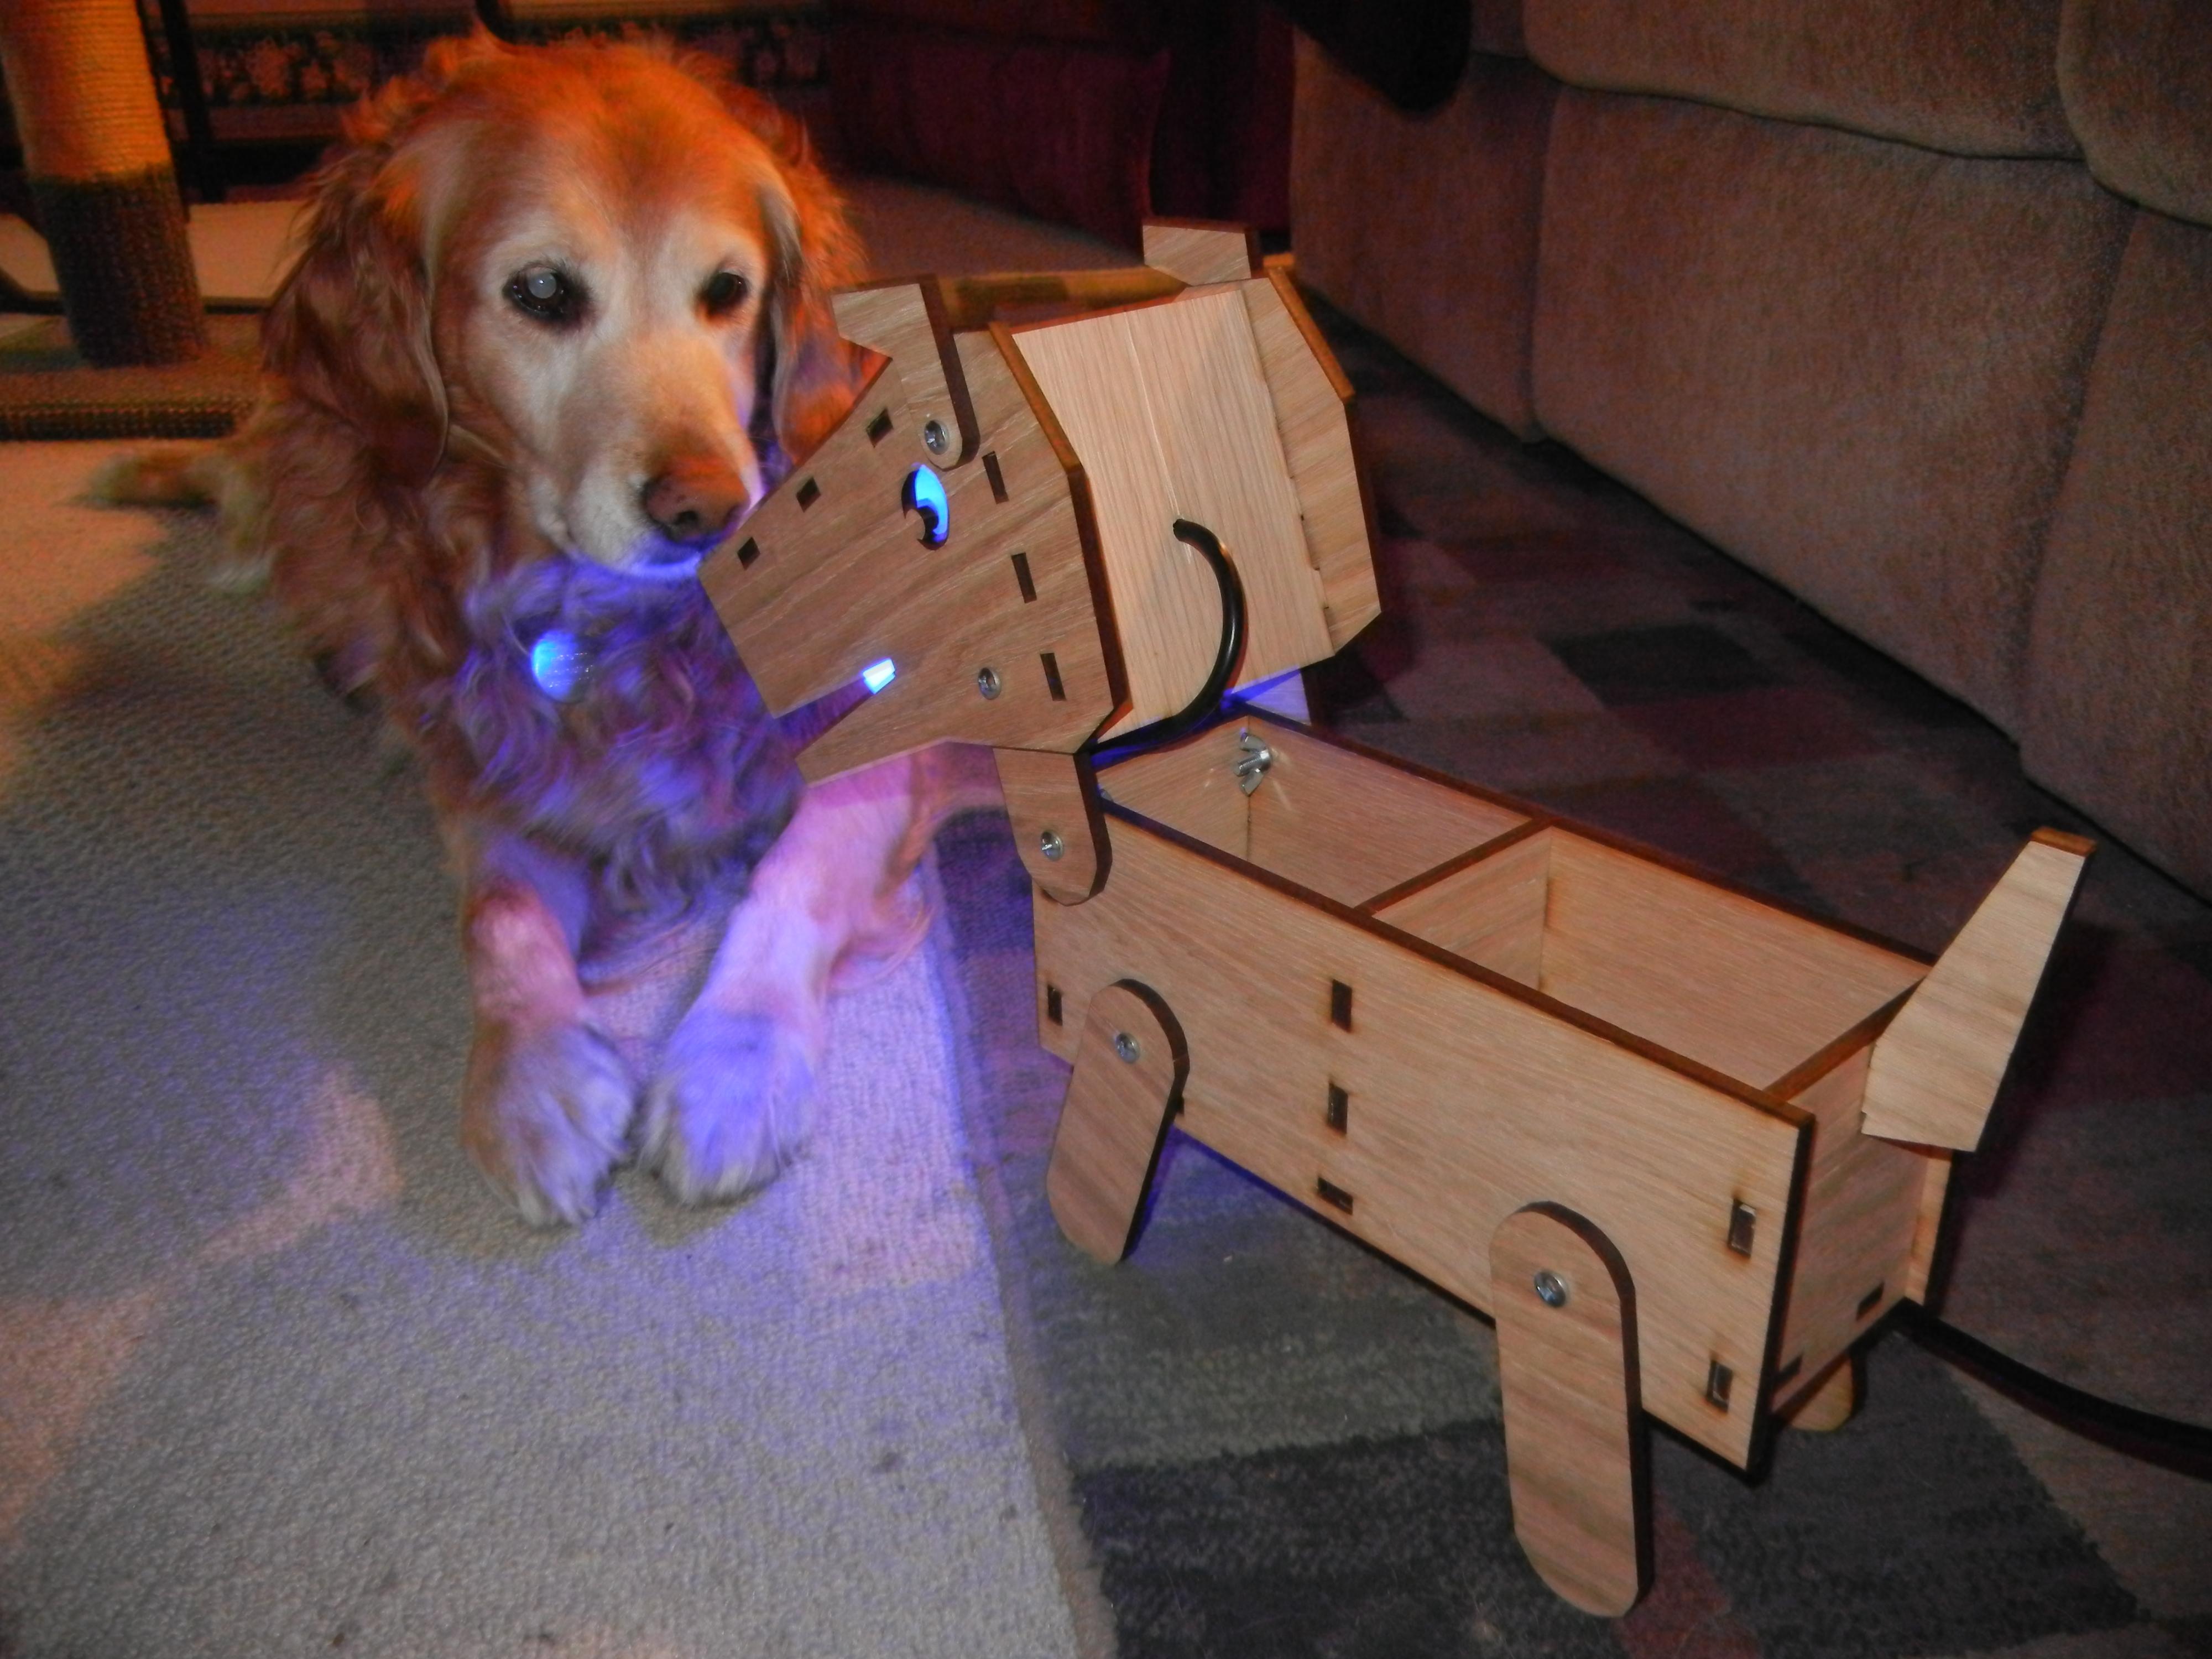 LED Doggy Lamp/Desk Organizer